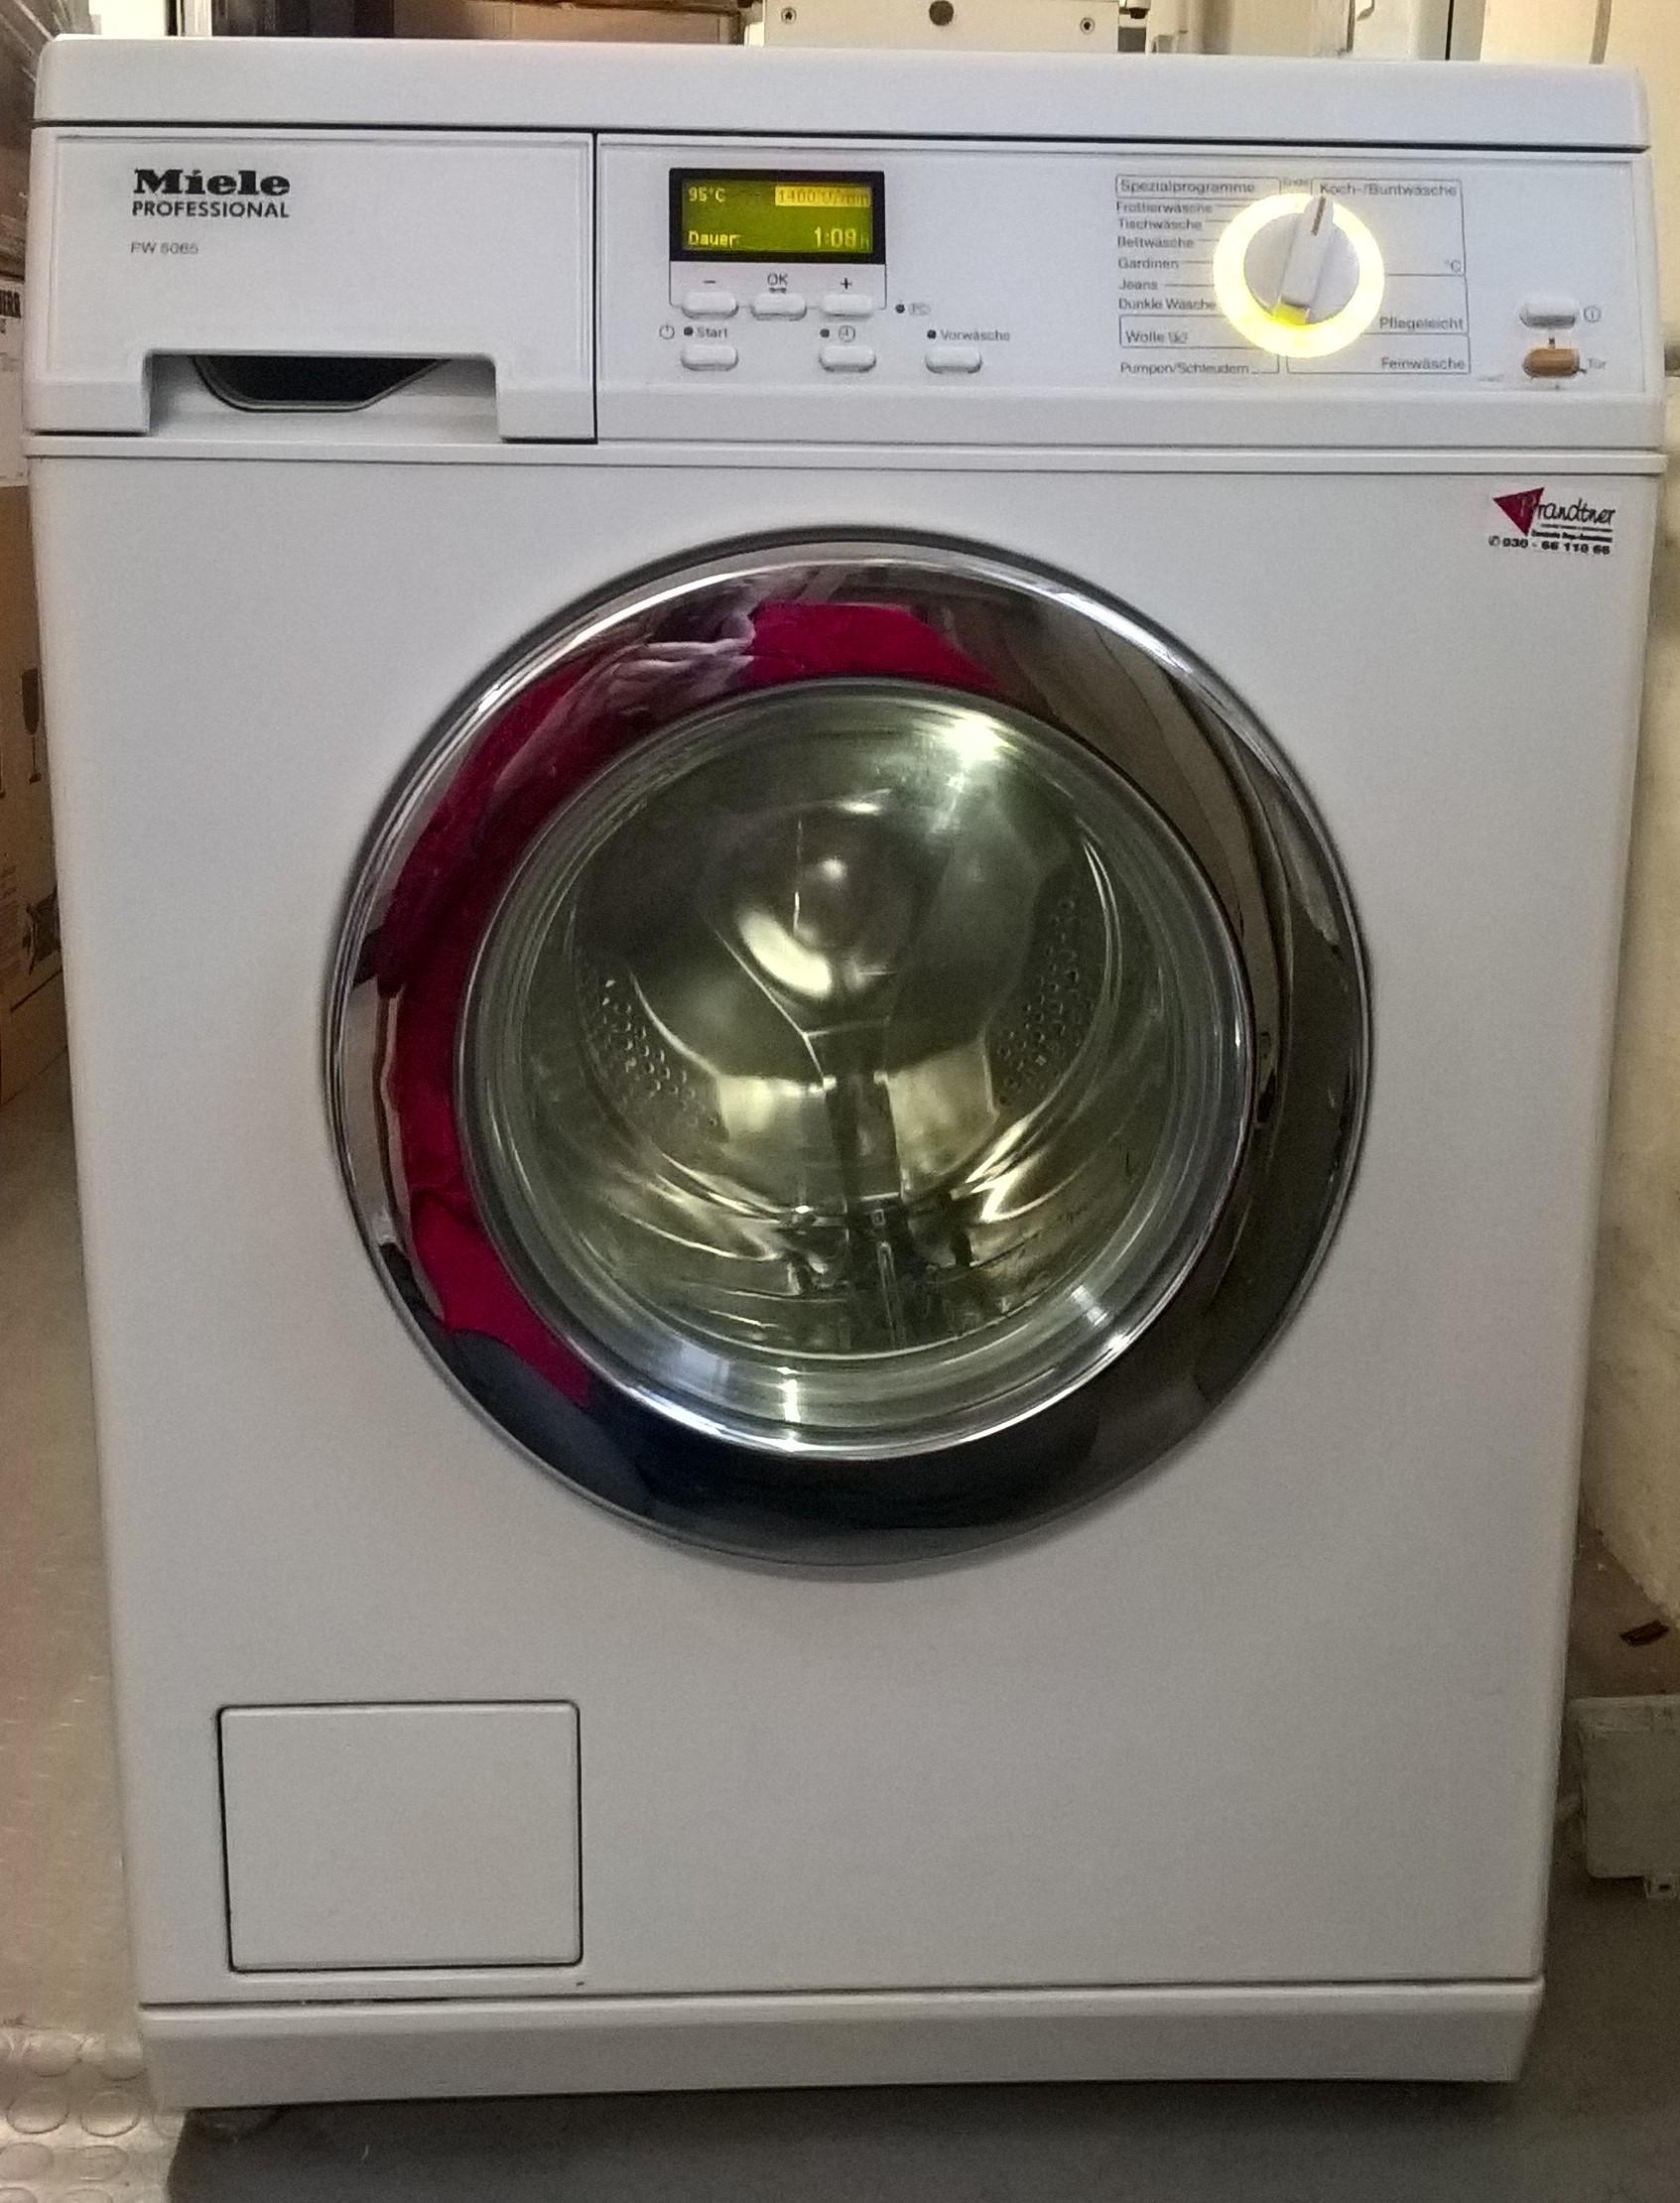 Miele Professional-Waschautomat PW 5065 LP,gebraucht mit Garantie